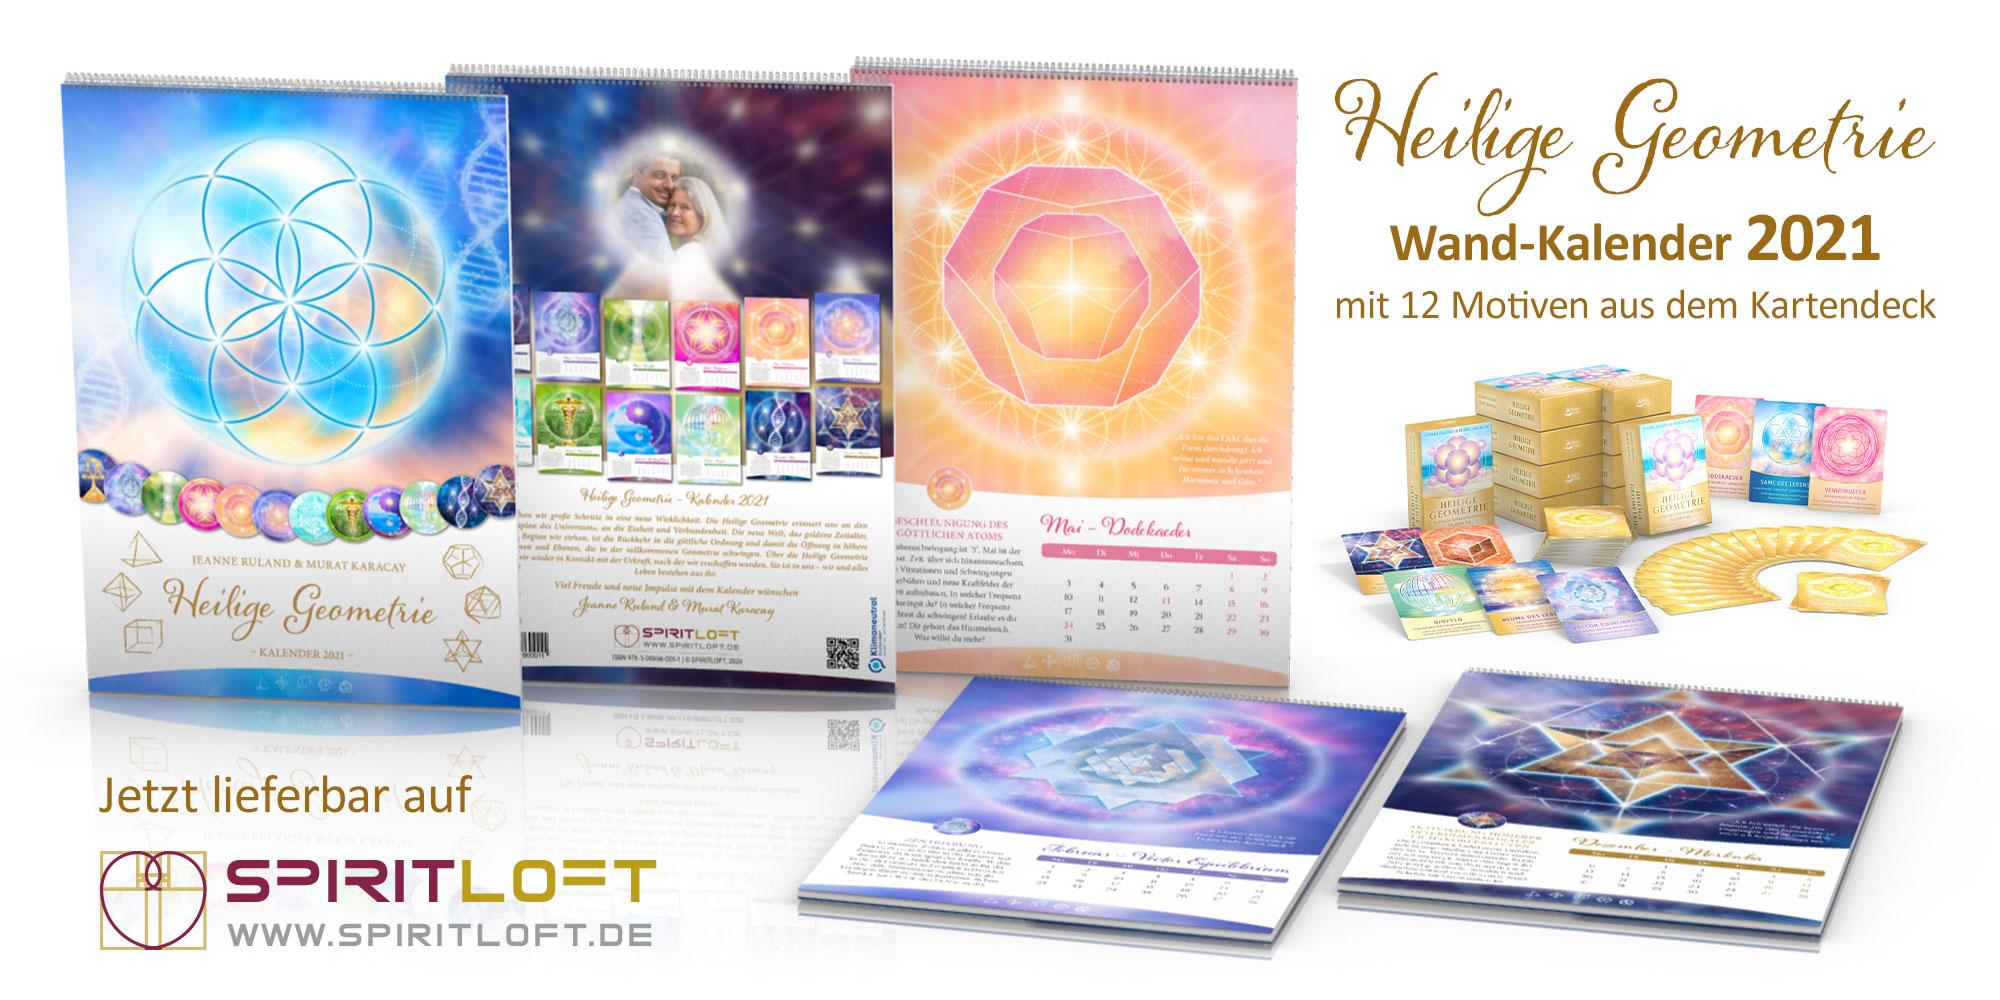 Heilige Geometrie Kalender 2021 von Jeanne Ruland und Murat Karacay